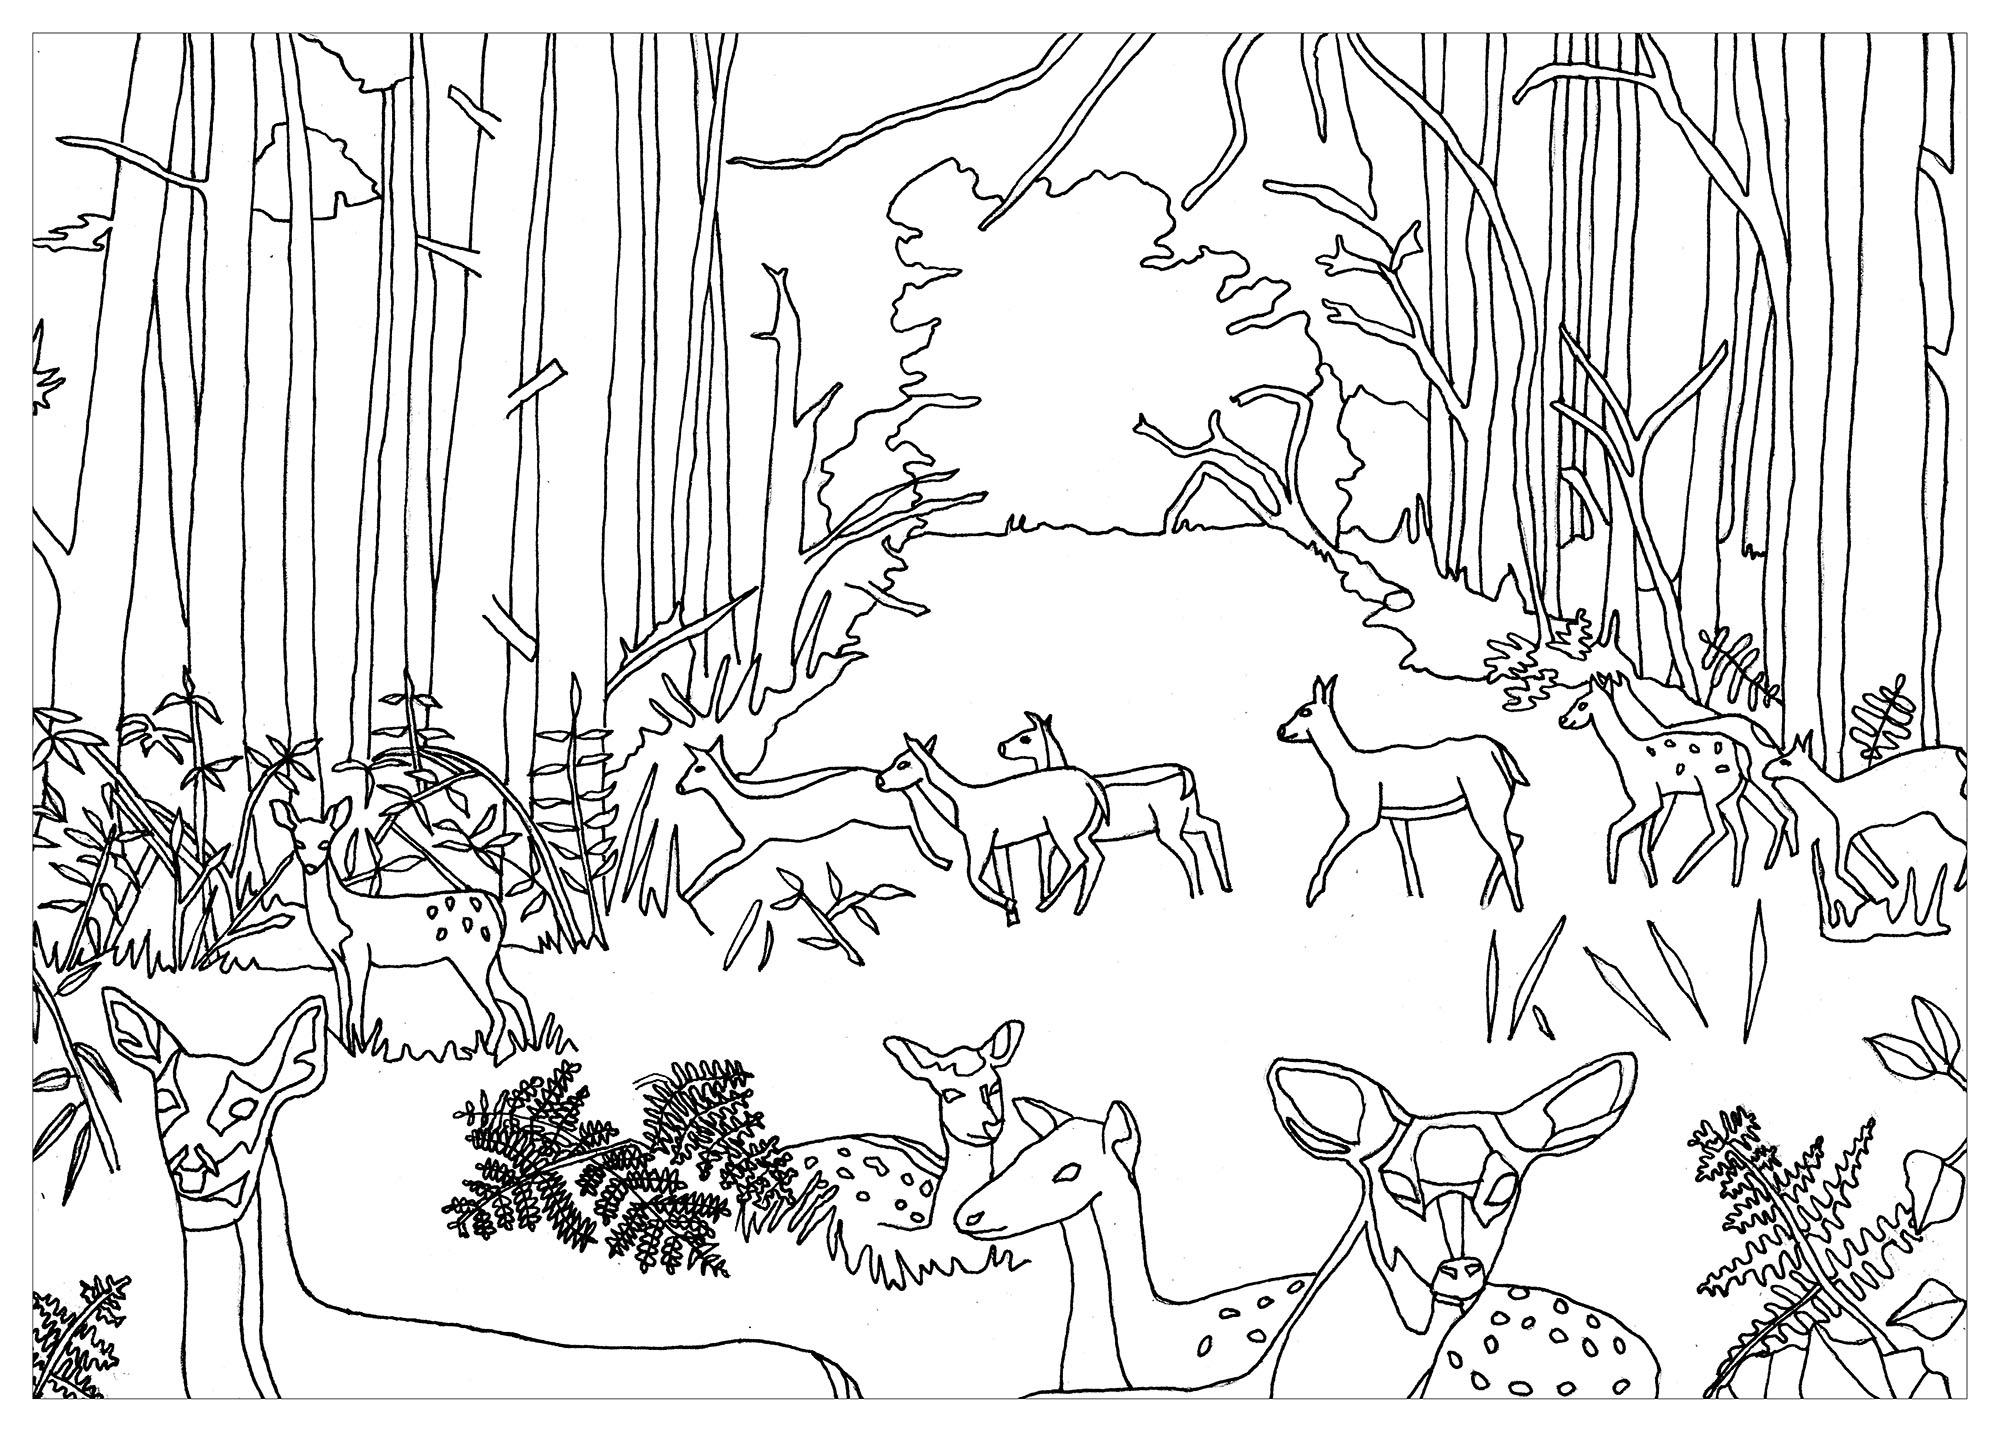 33 Dessins De Coloriage Forêt À Imprimer dedans Dessin De Foret